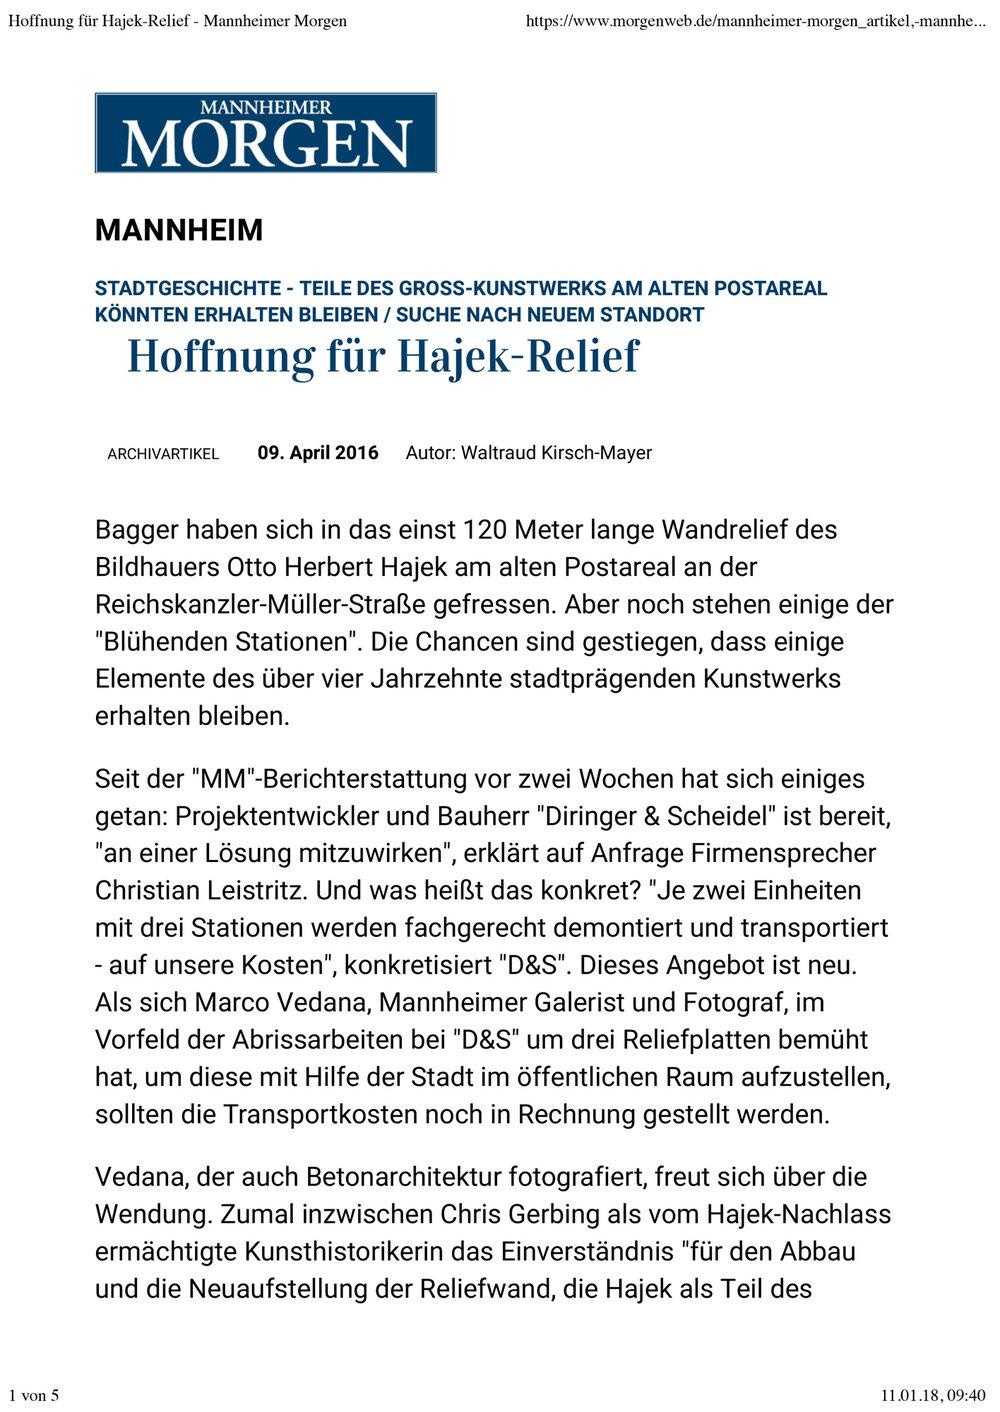 Hoffnung-für-Hajek-Relief---Mannheimer-Morgen-1.jpg